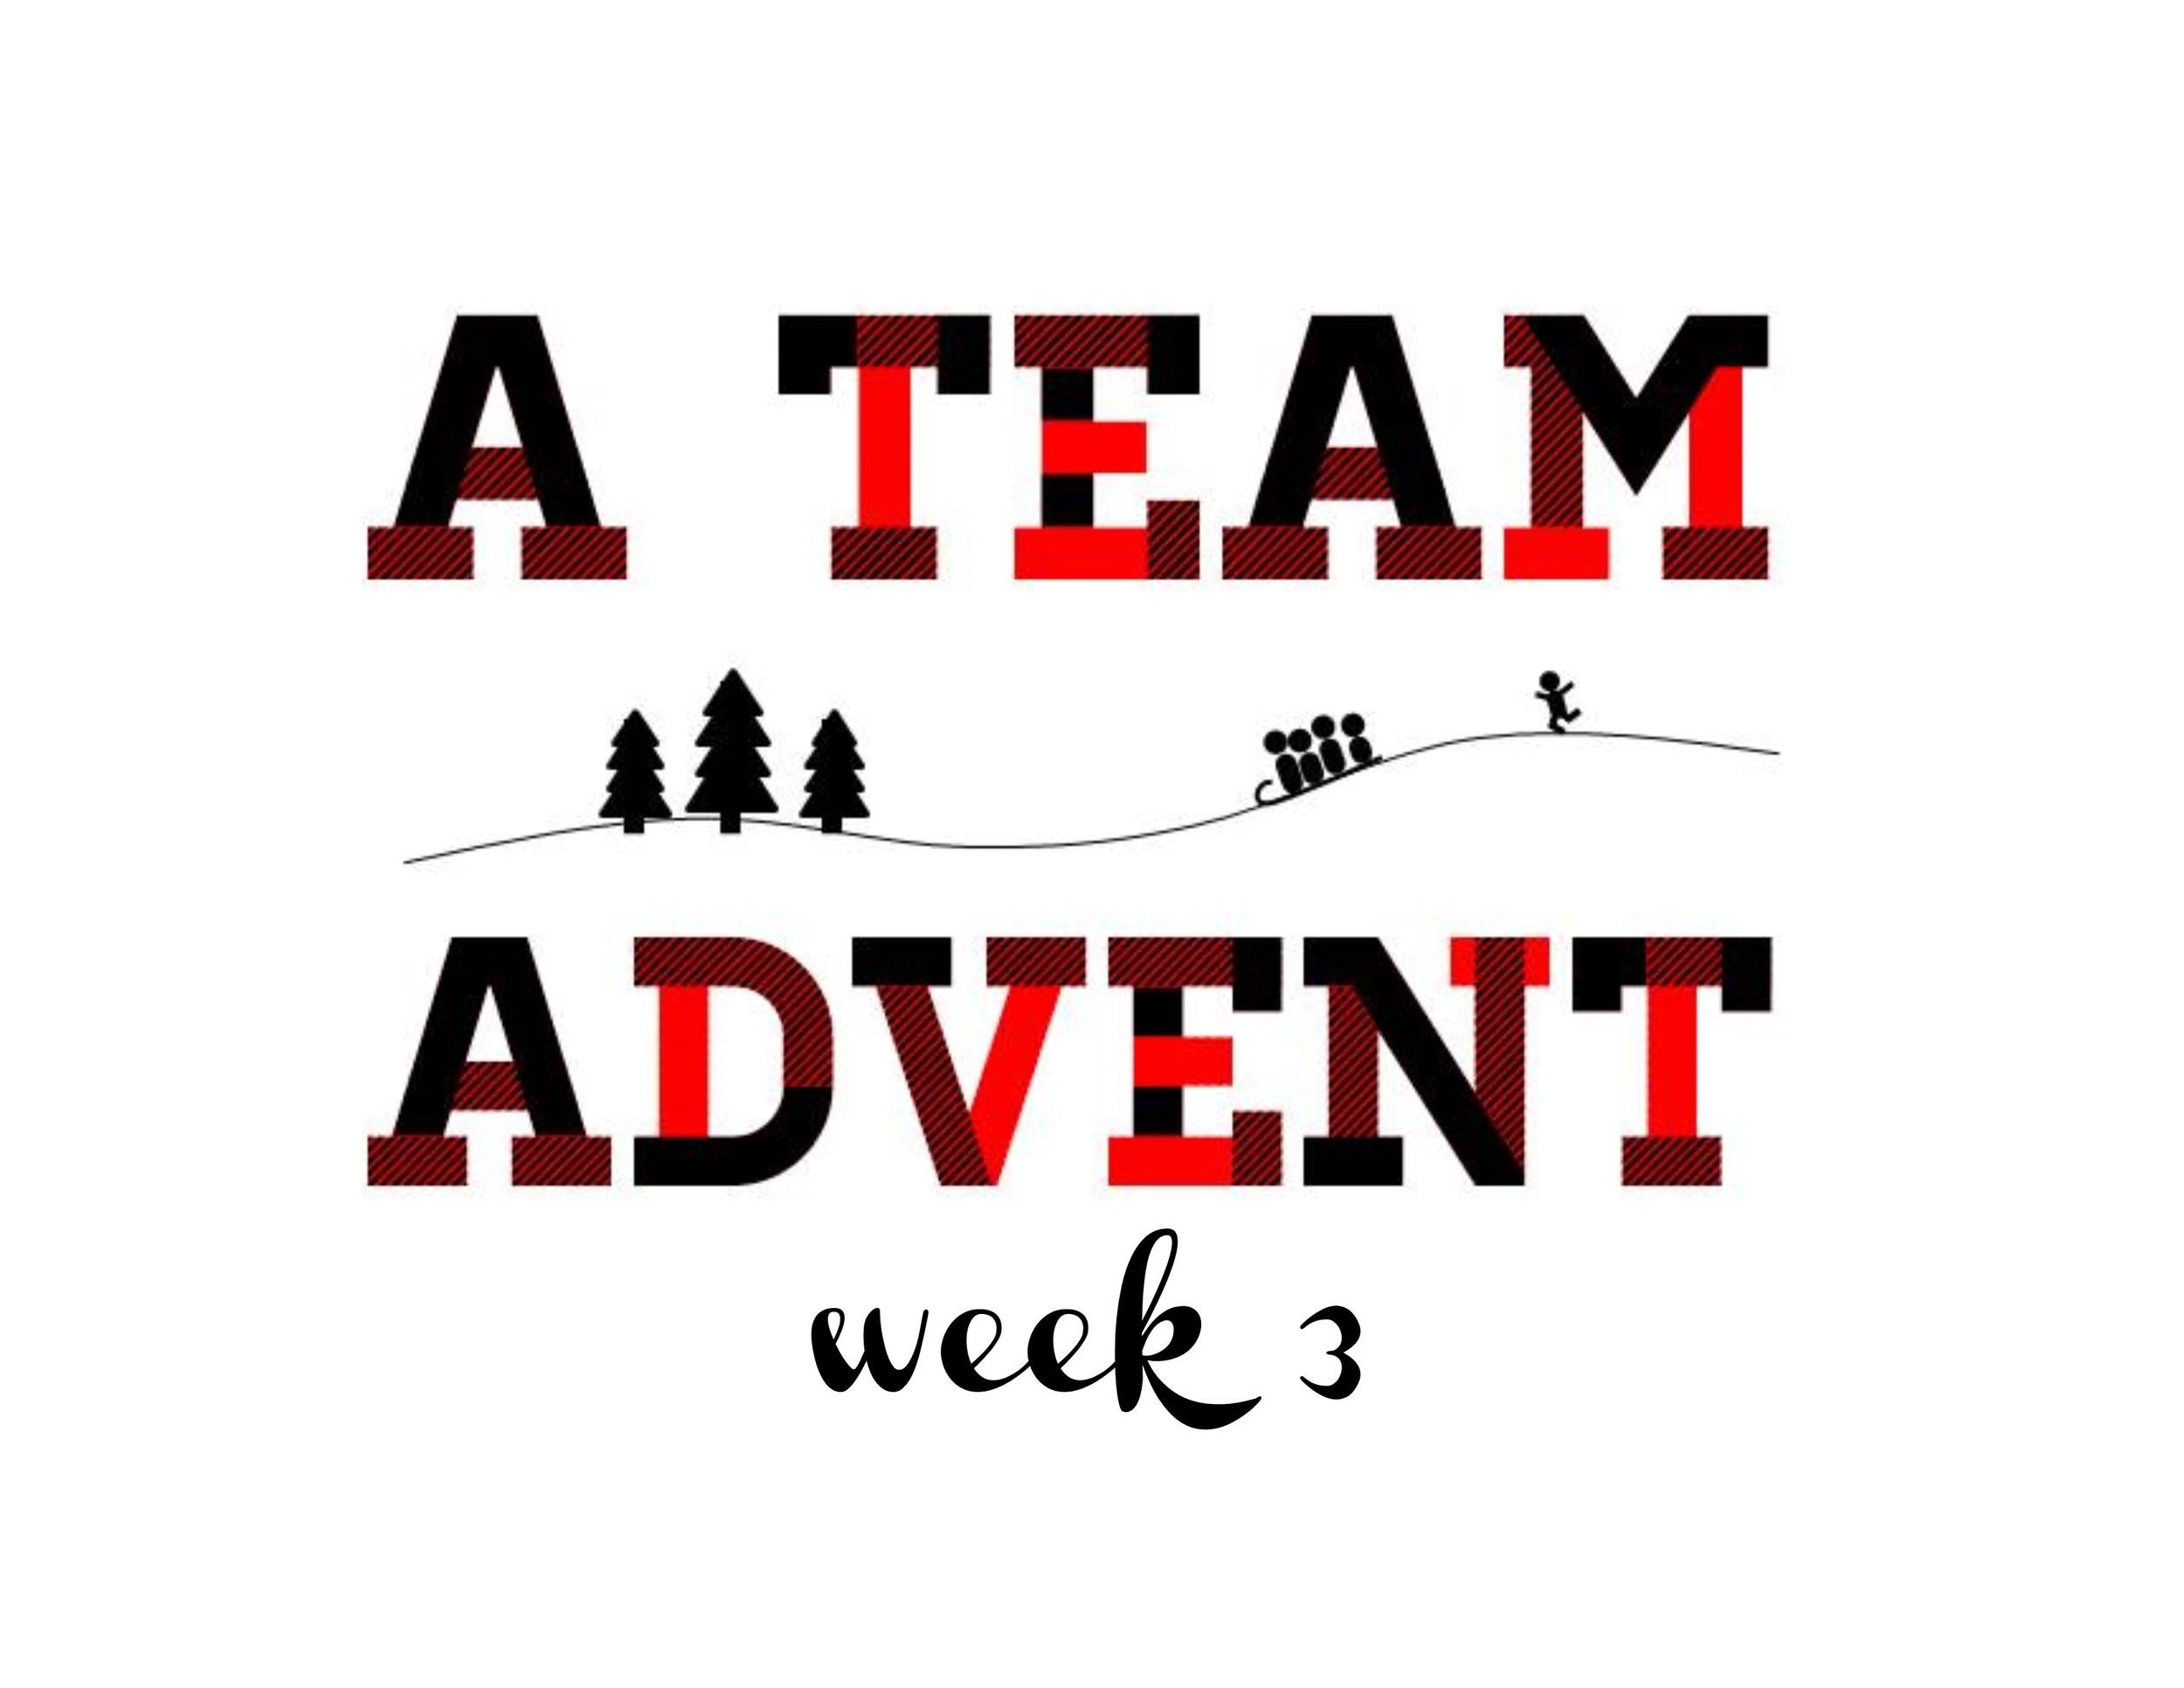 ateam_week3